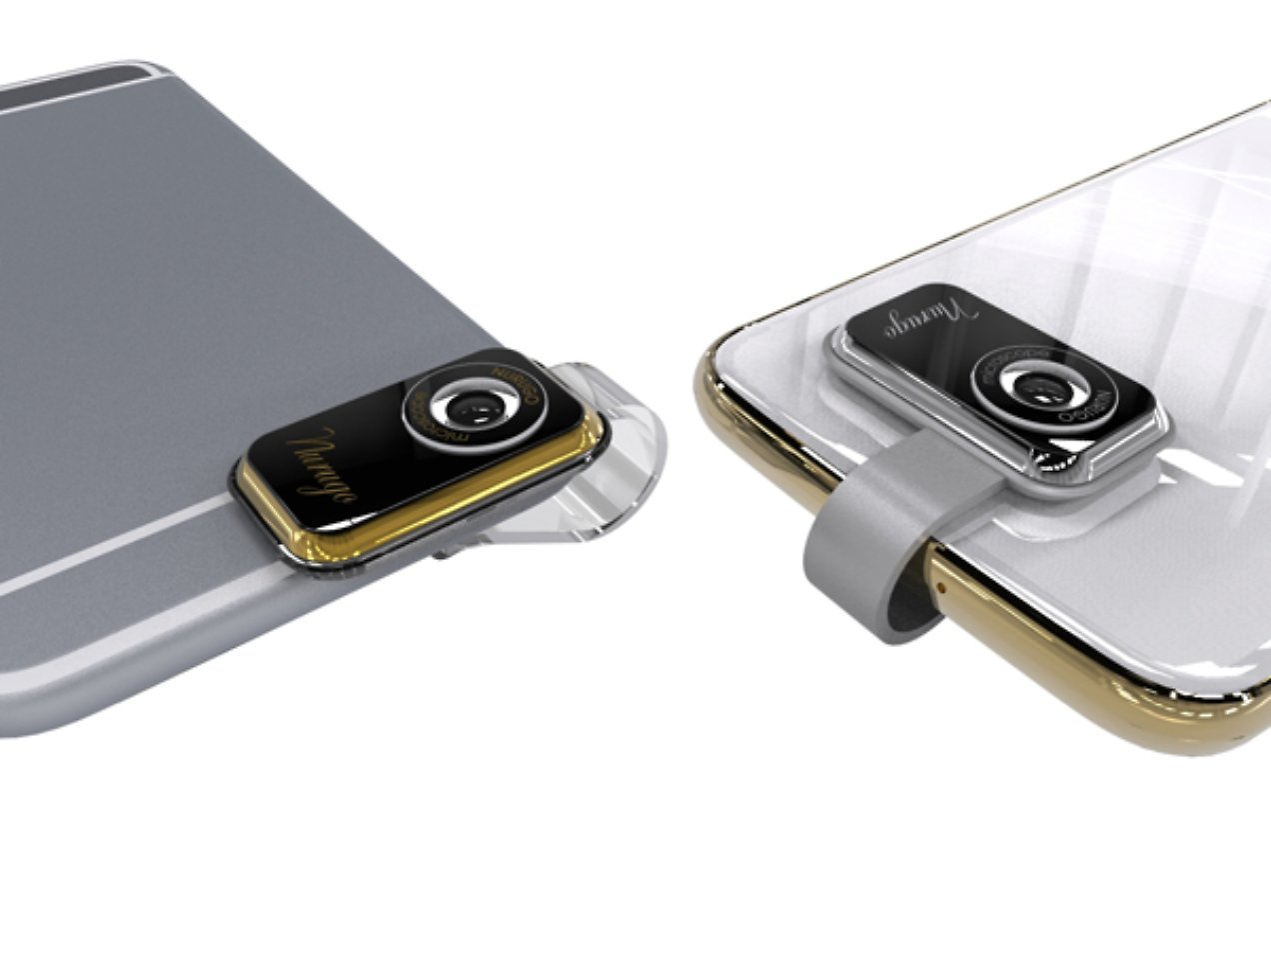 Winzig günstig federleicht: nurugo micro macht iphone zum